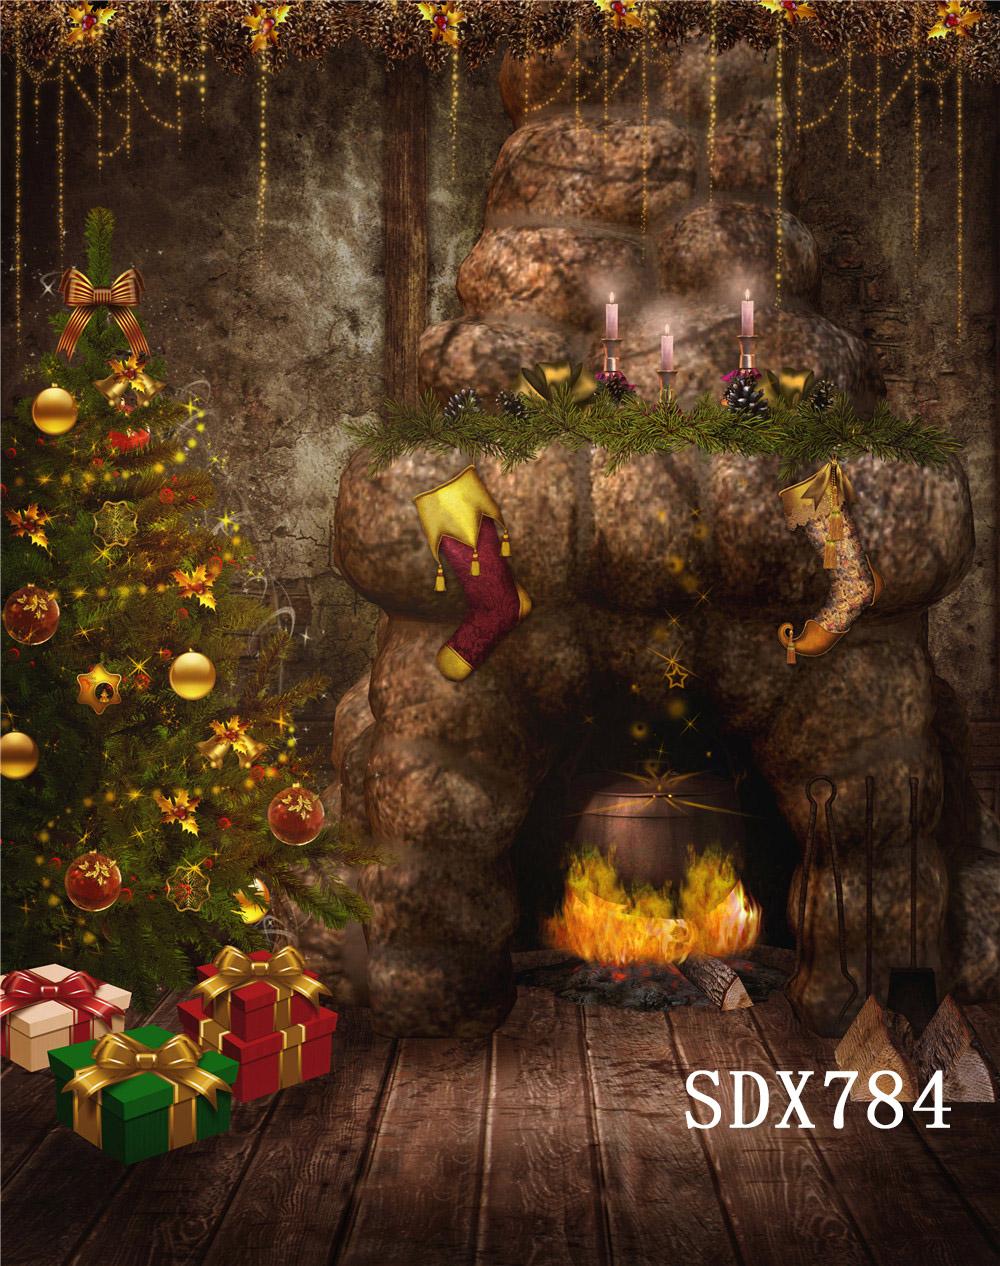 SDX784